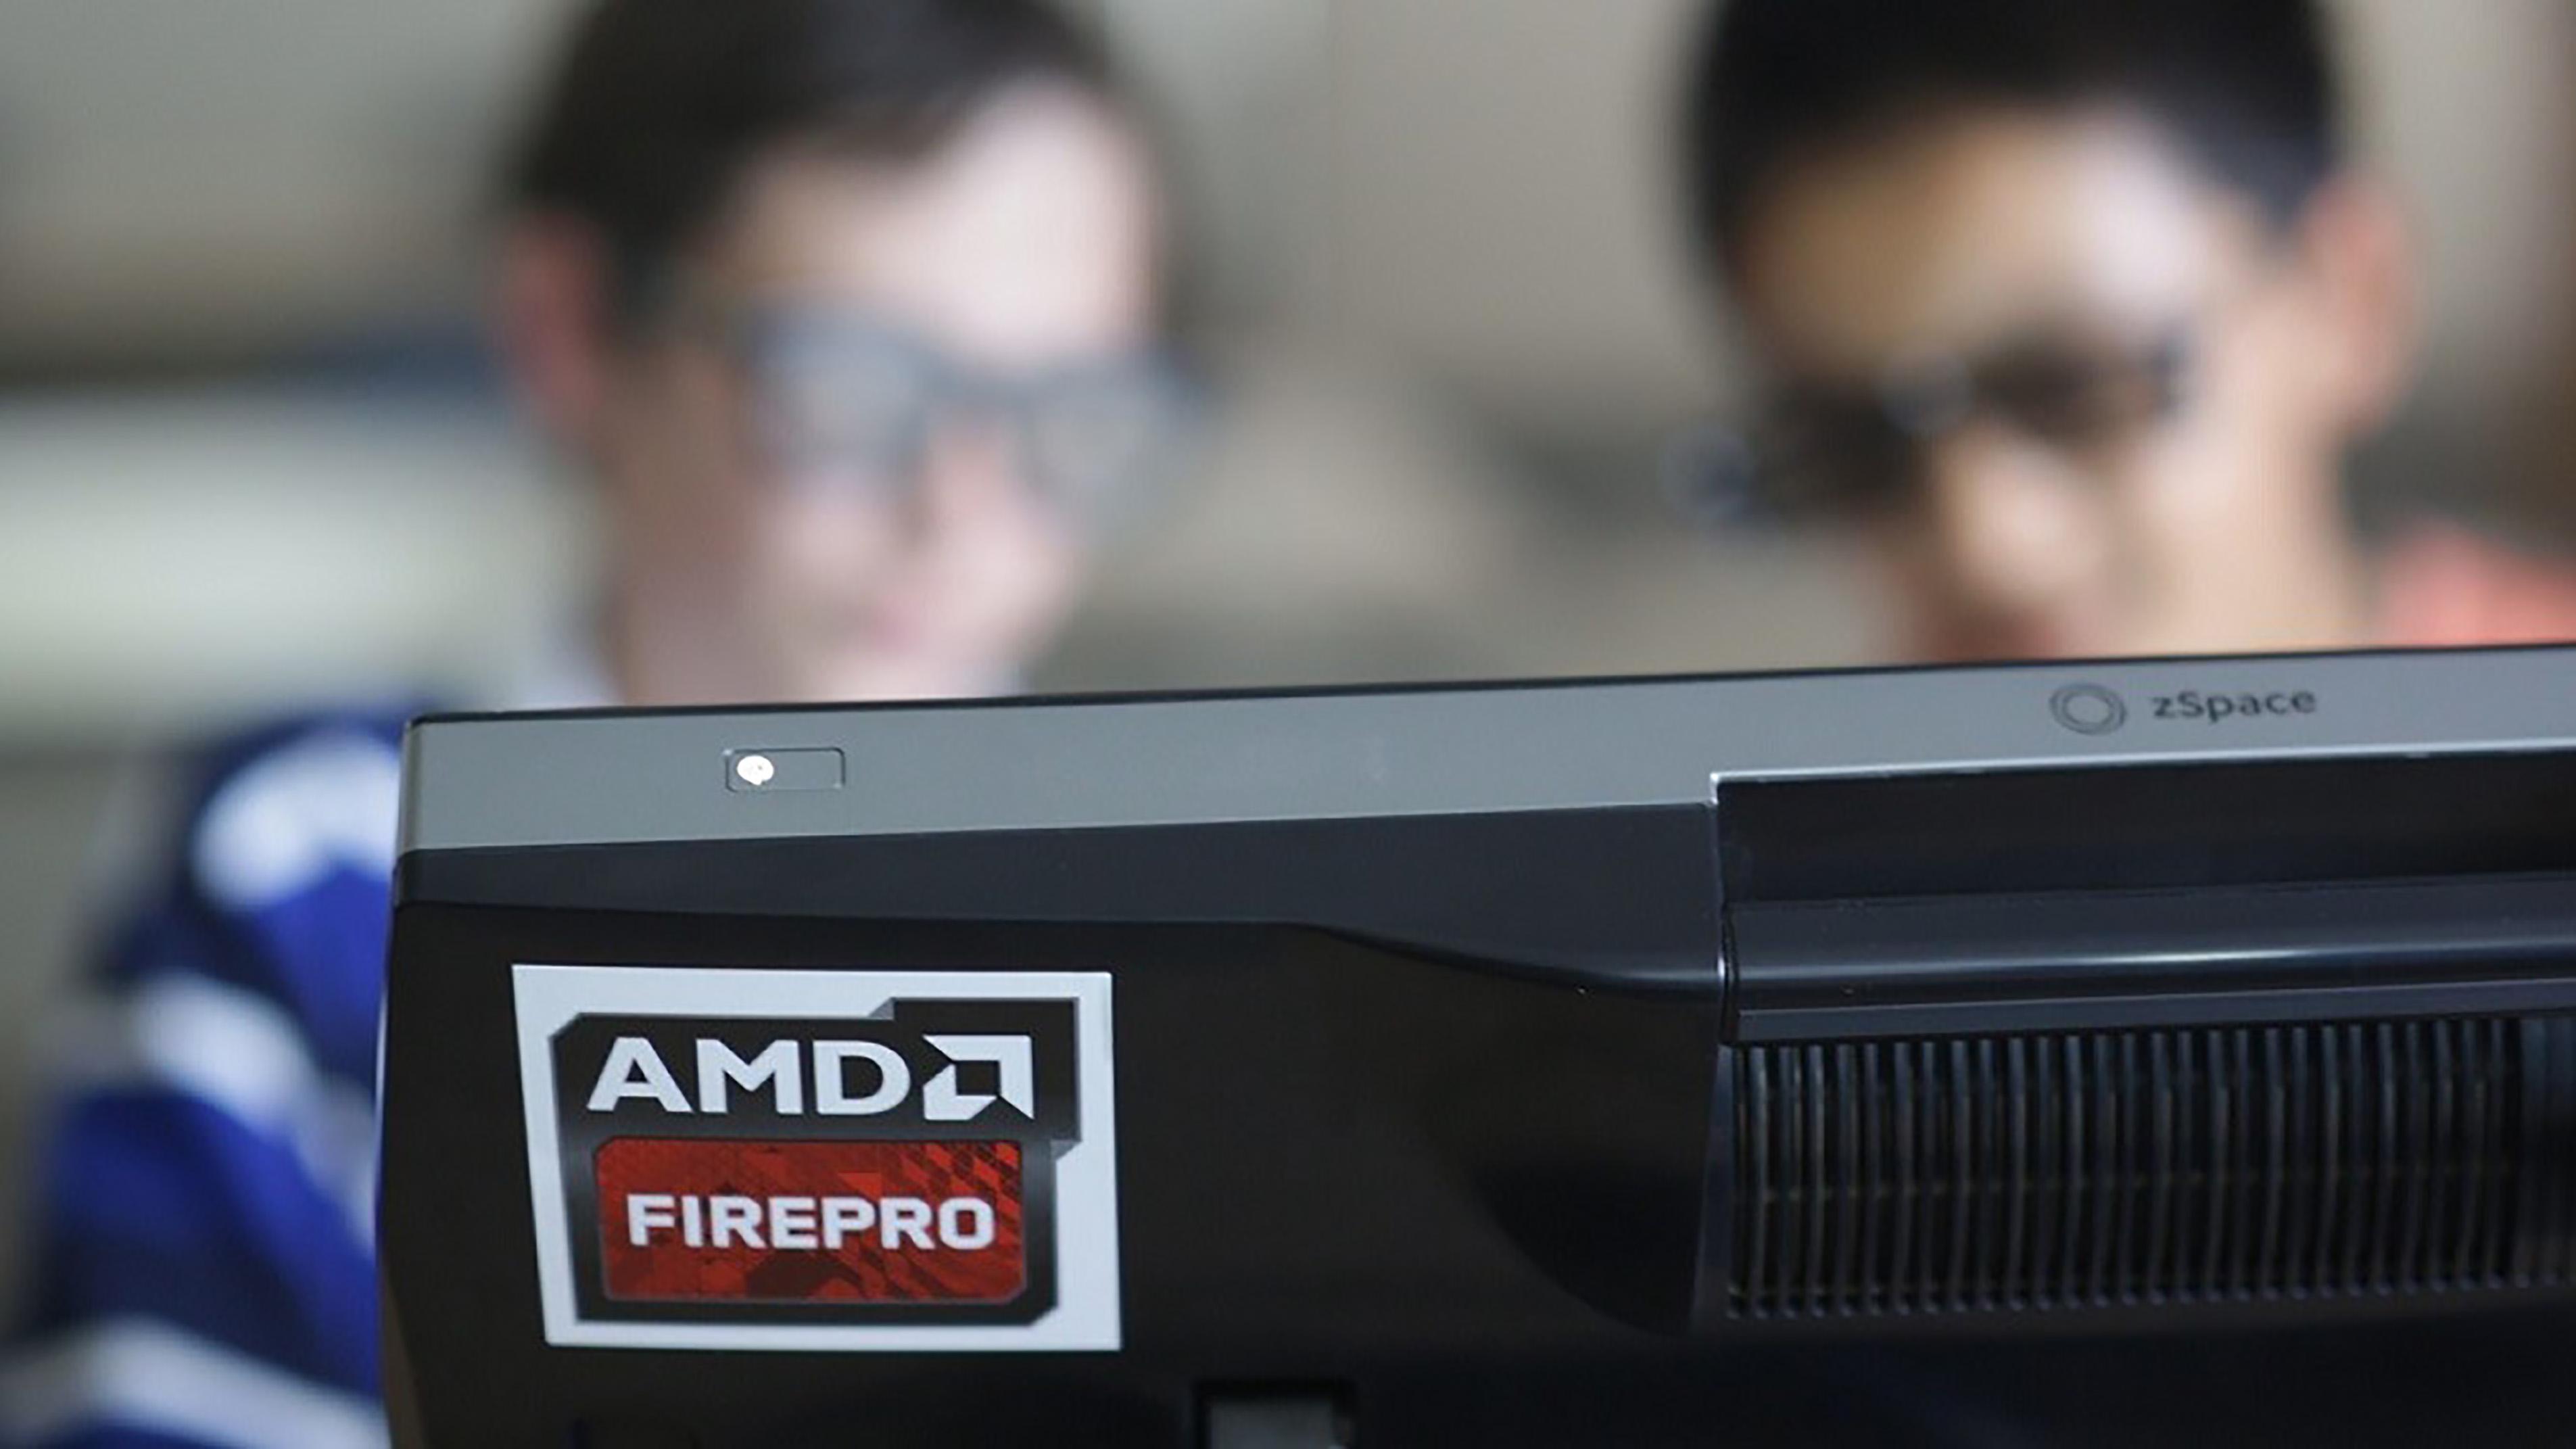 AMD_FireProPowers zSpace